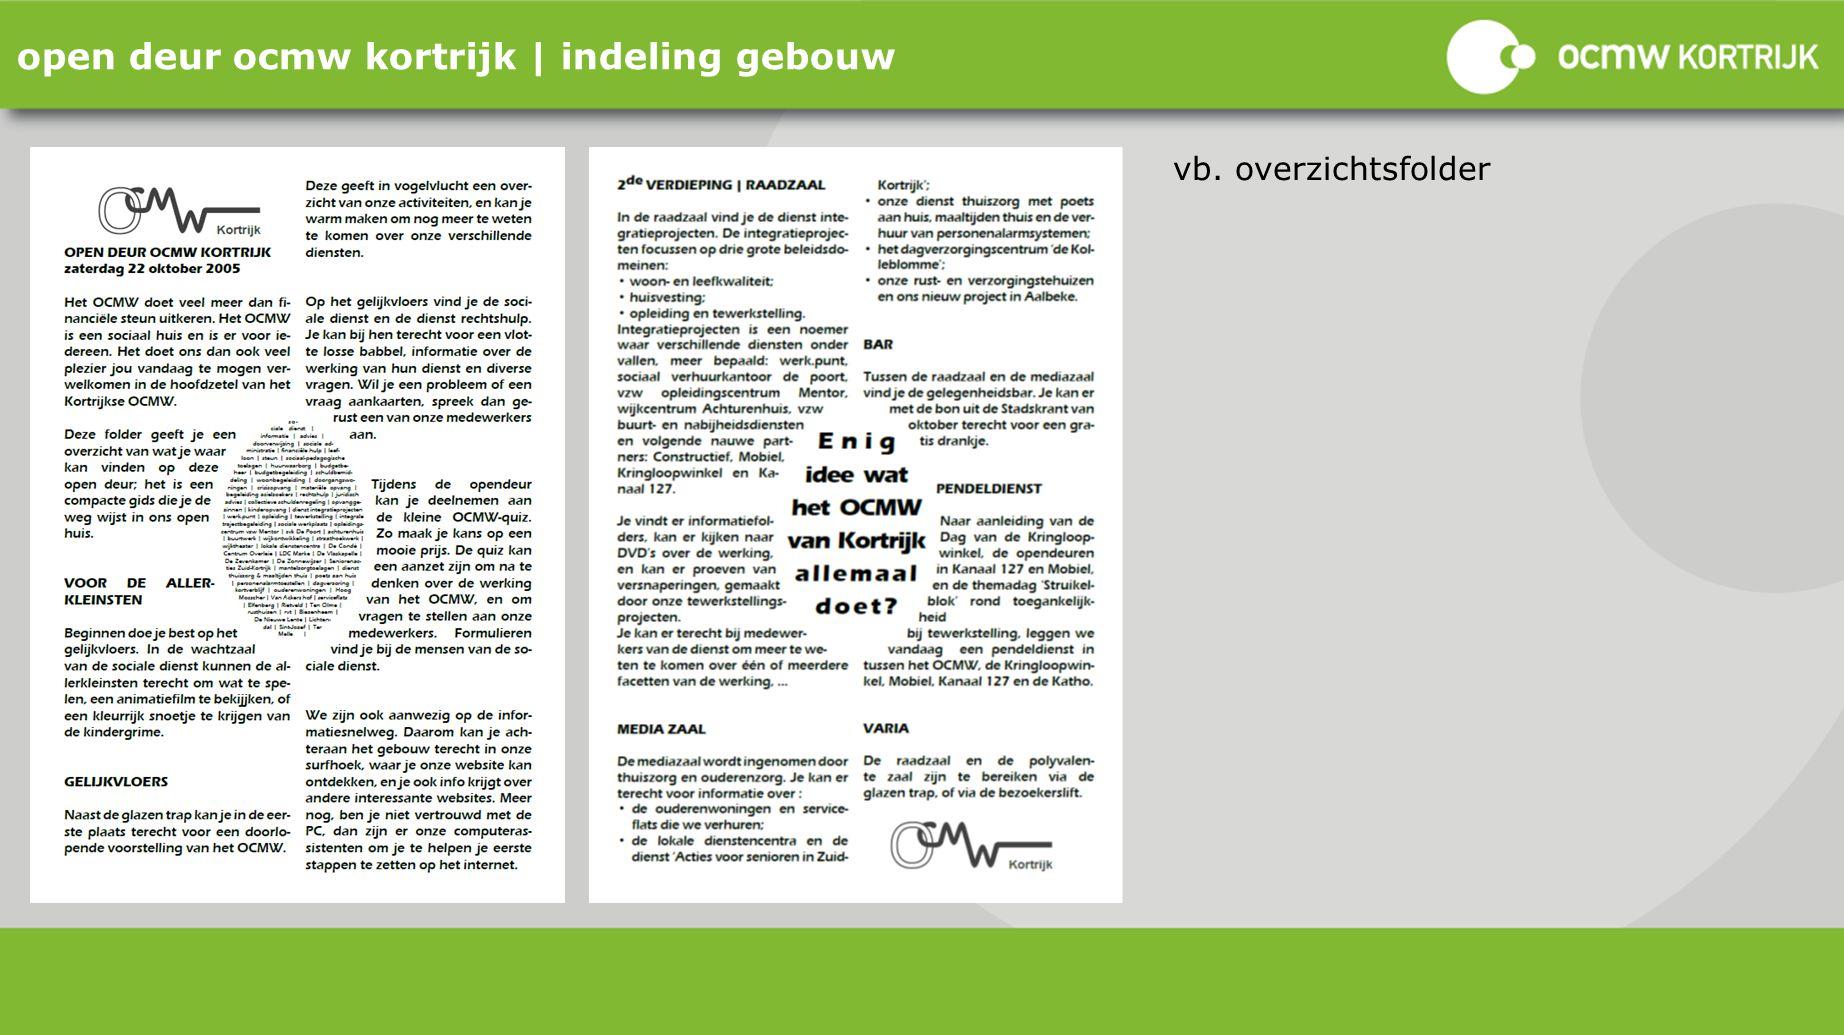 open deur ocmw kortrijk | varia koppeling aan andere 'gelijkaardige' initiatieven: open deur Kanaal 127, Mobiel en Kringloopwinkel, en ook Struikelblok, met shuttlebus tussen de initiatieven.